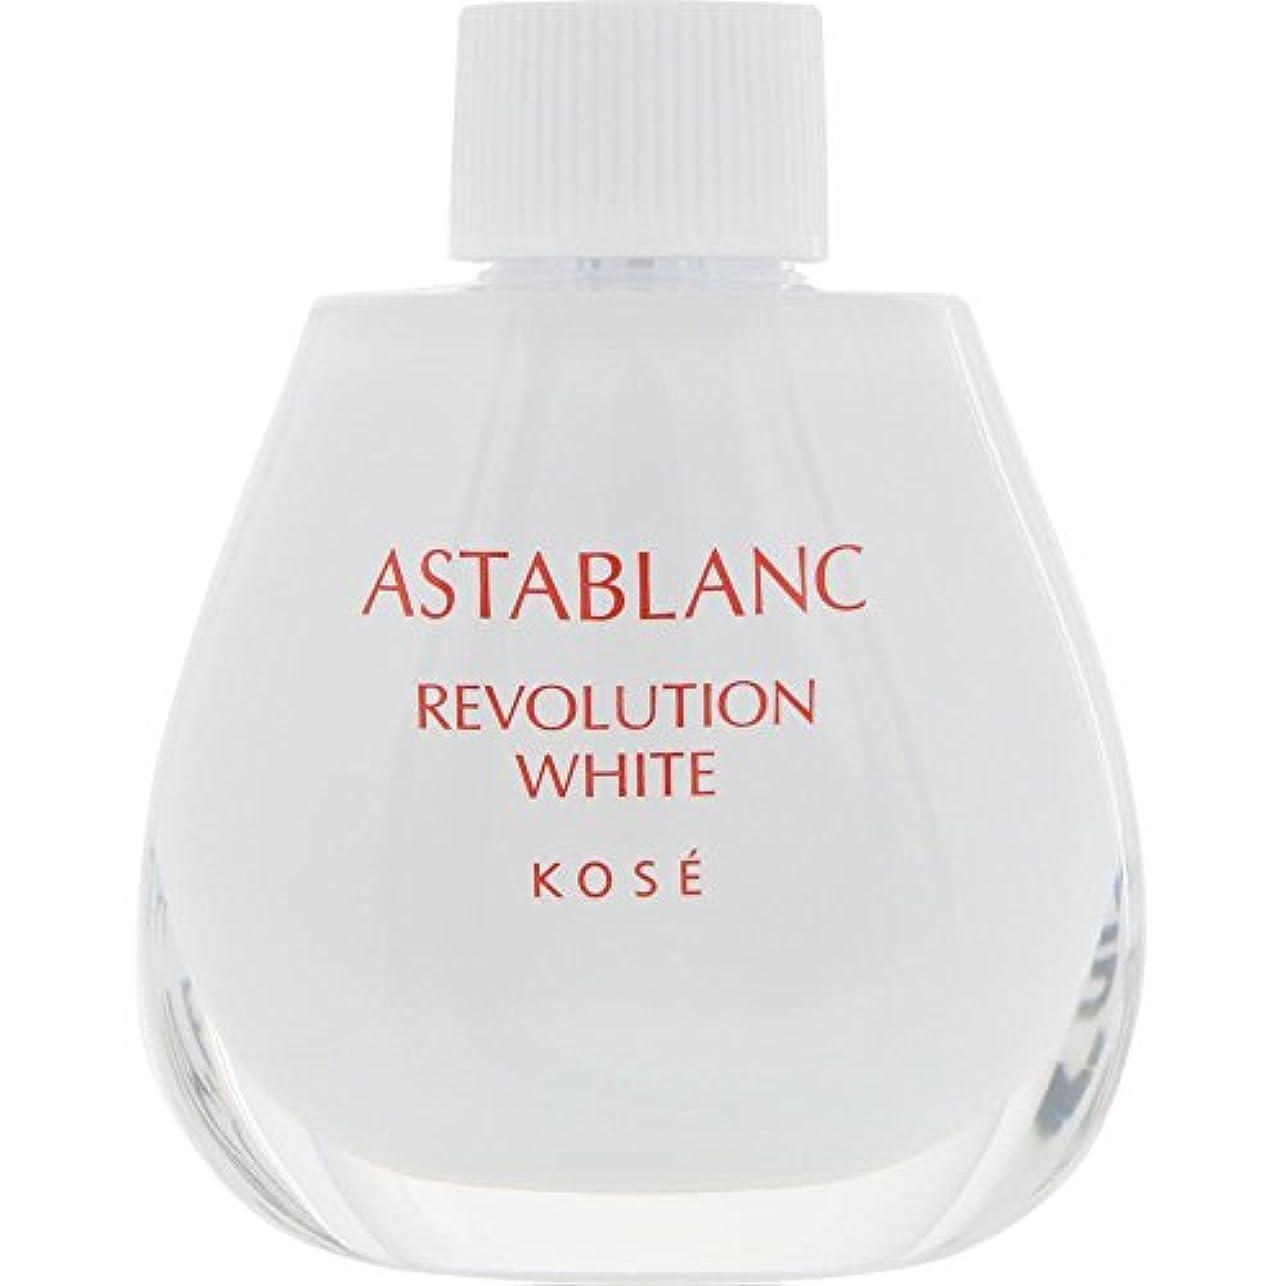 疑い者参加する退却[医薬部外品] アスタブラン レボリューション ホワイト (付けかえ用) 30mL